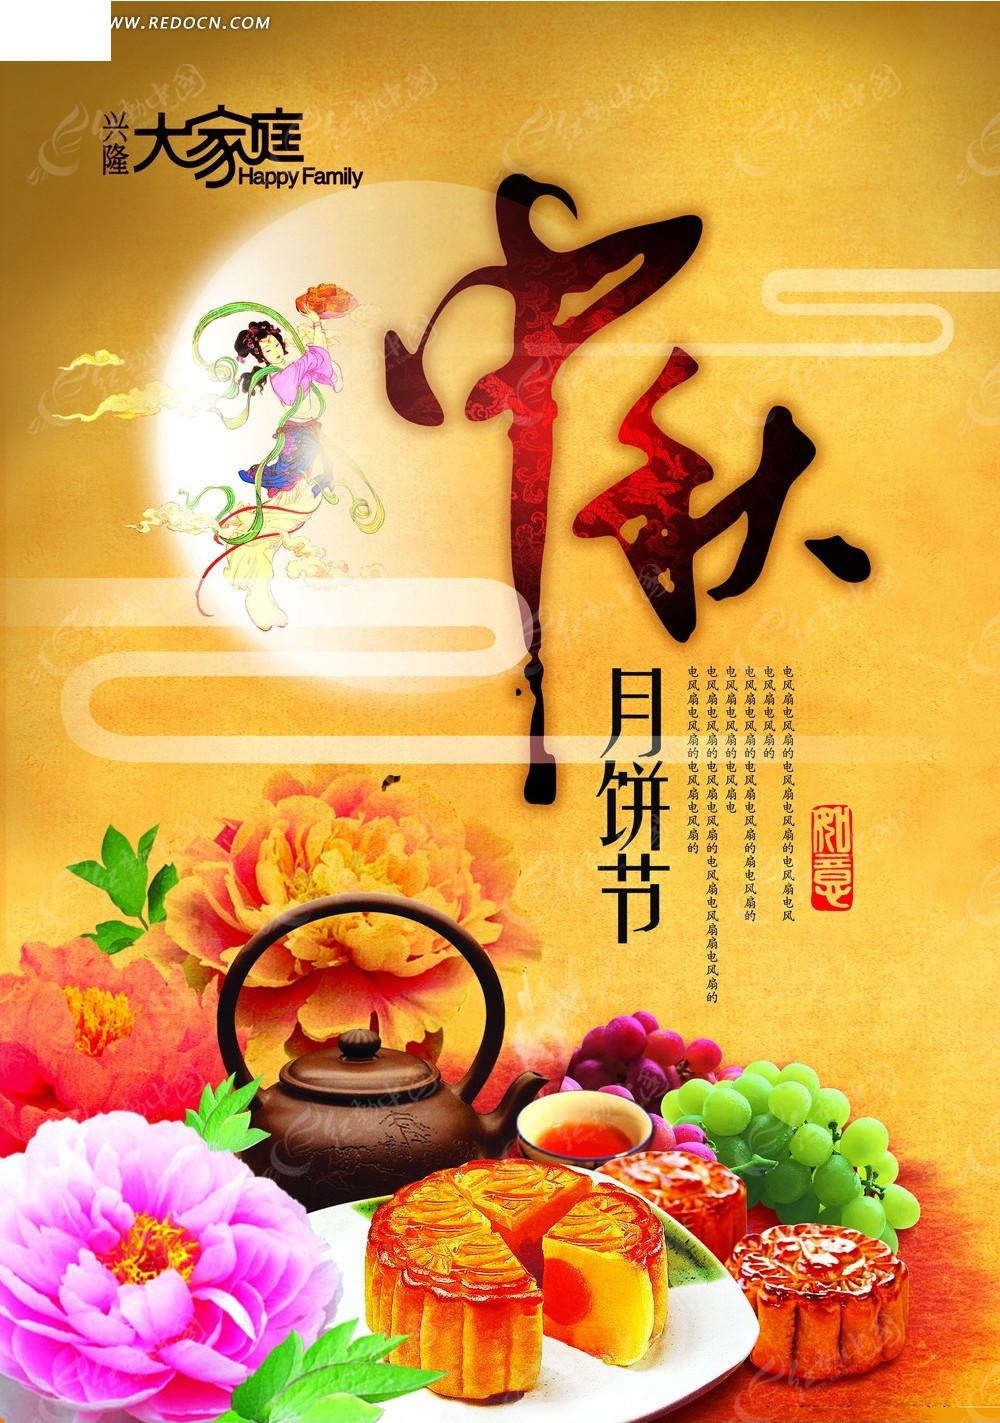 中秋节海报设计素材